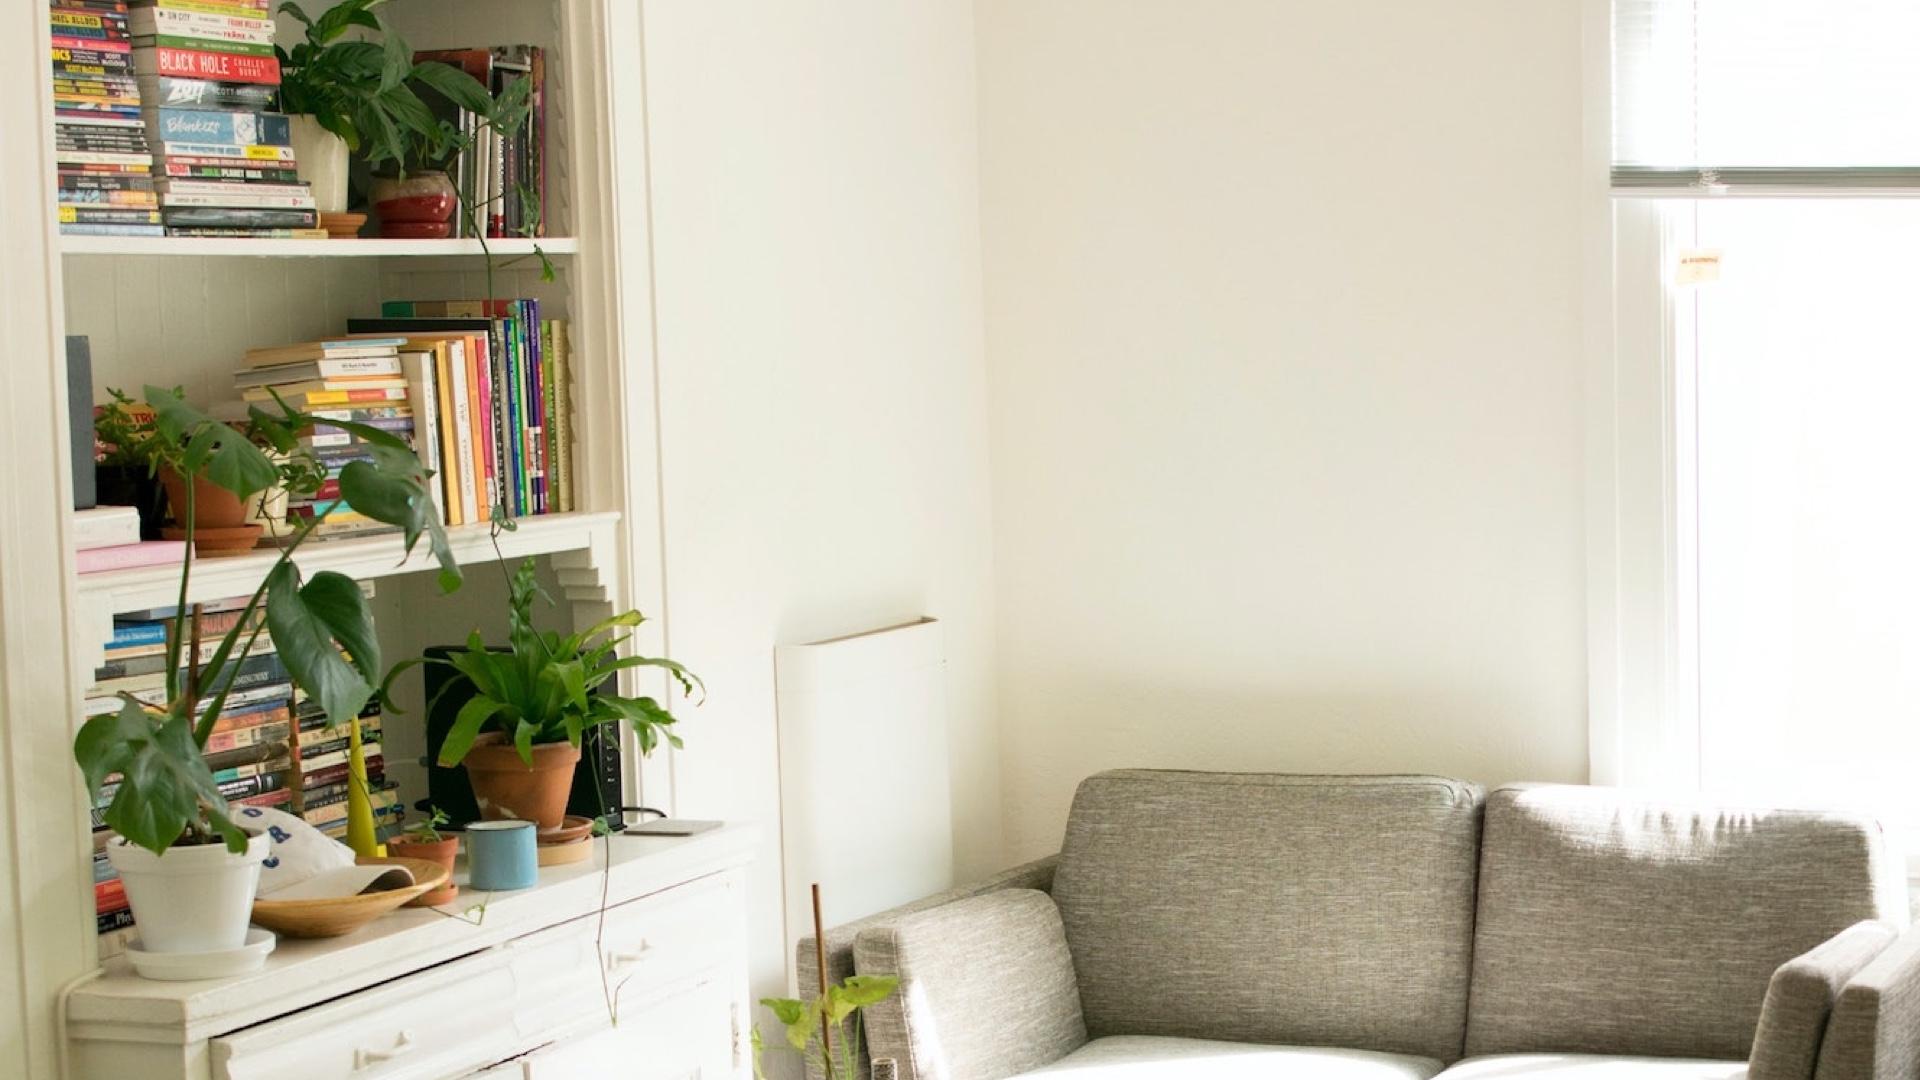 本棚と観葉植物とソファーのある部屋の無料バーチャル背景素材